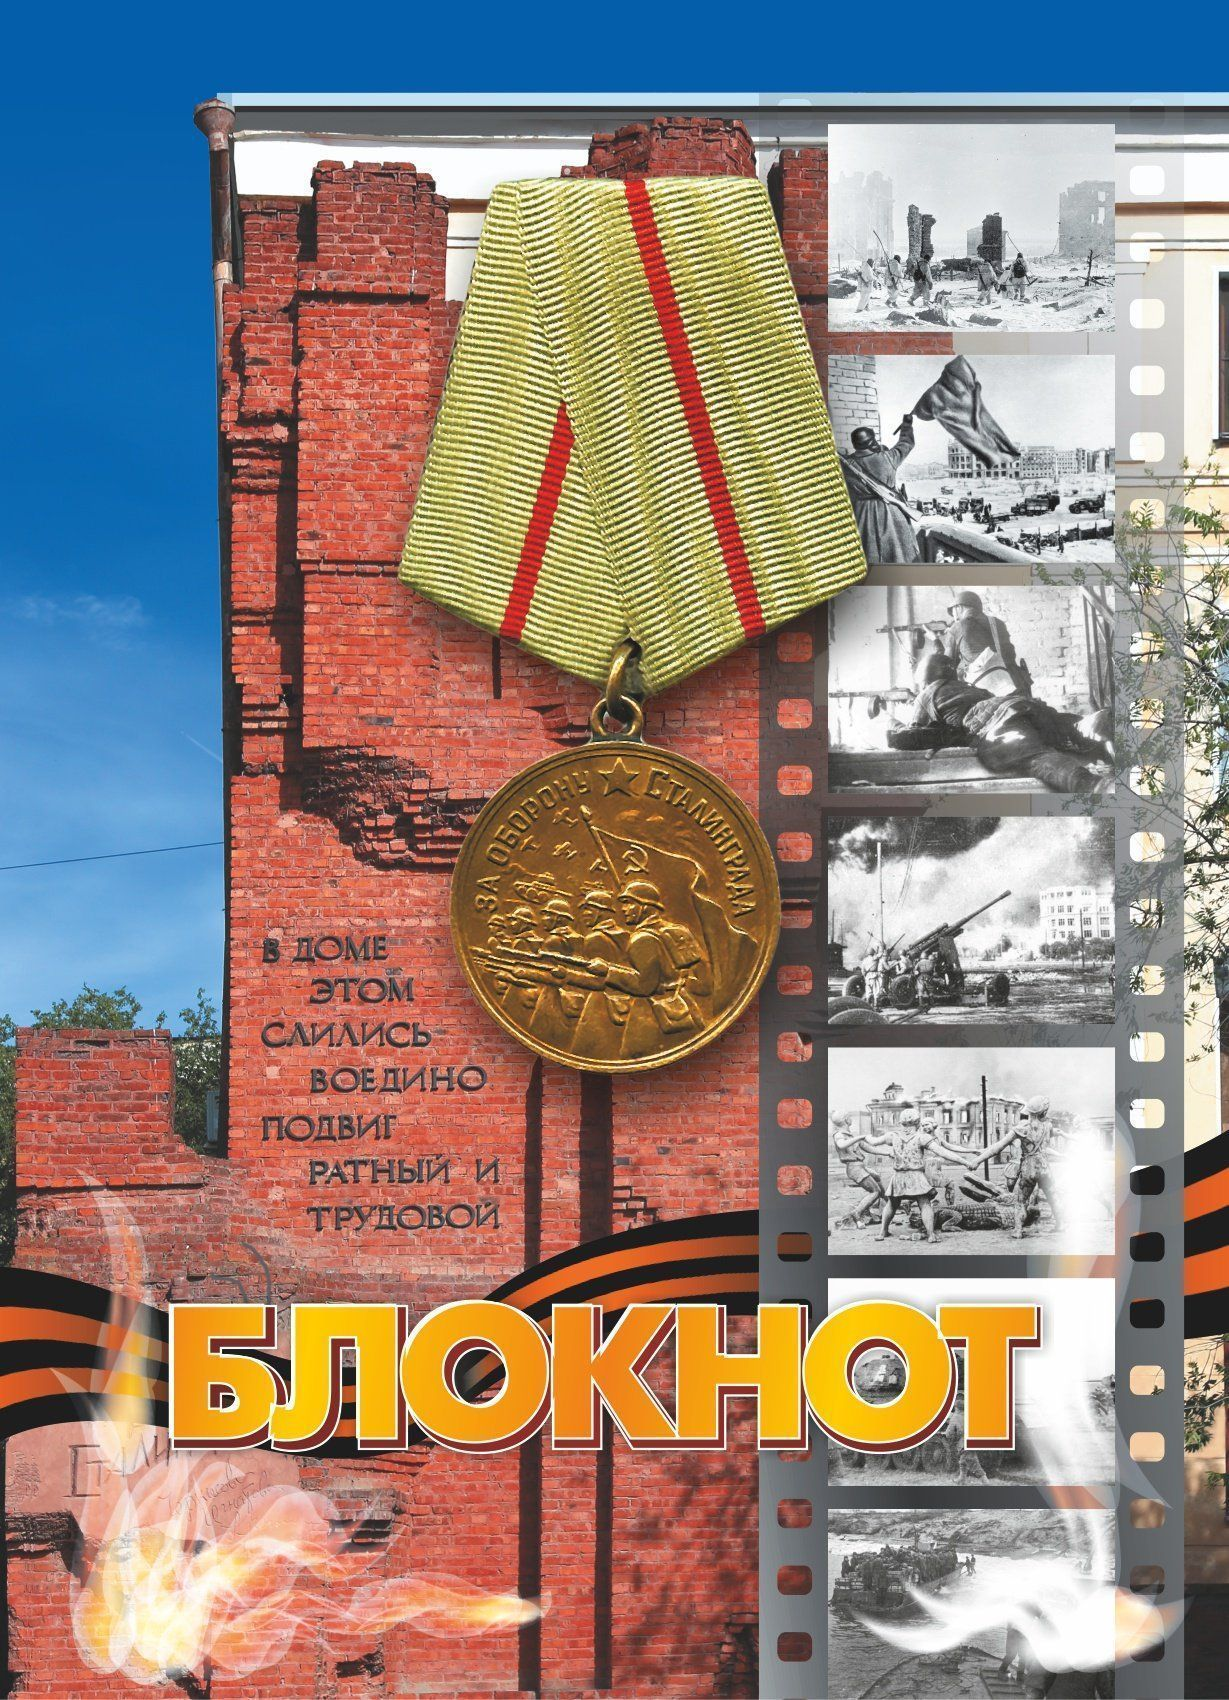 Блокнот (город-герой Волгоград)